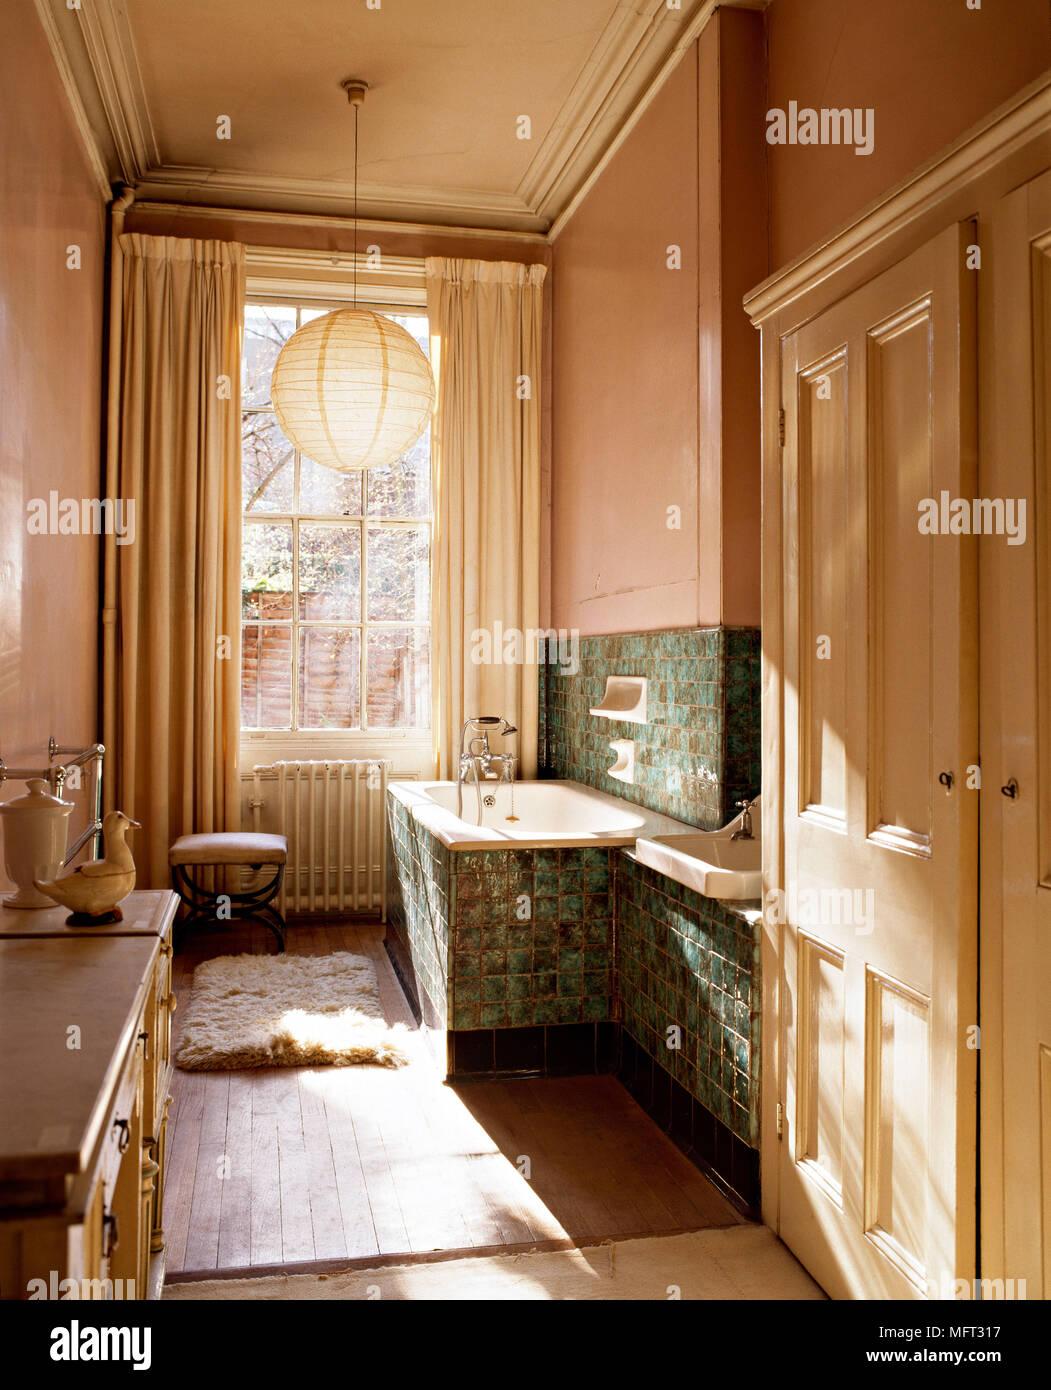 Fliesen Bad Farbe   Modernes Zeitloses Bad Mit Praktische Nischen ...